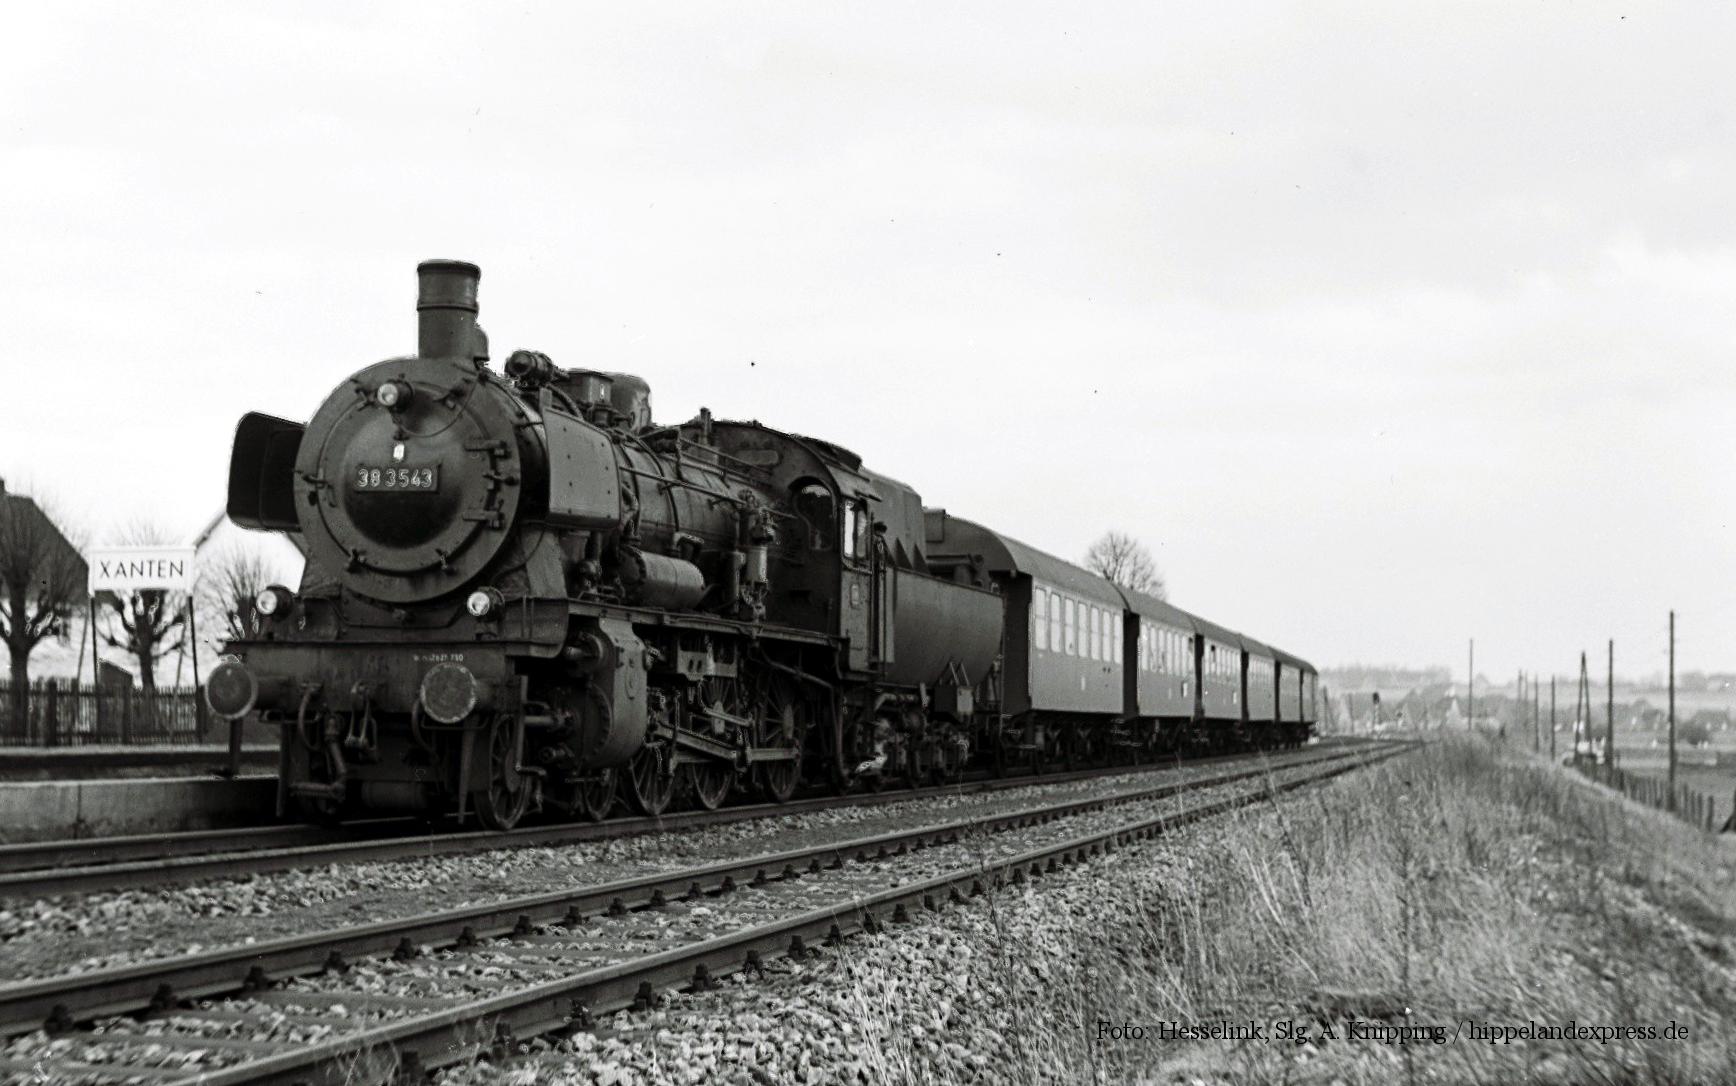 38 3543 mit Personenzug in Xanten